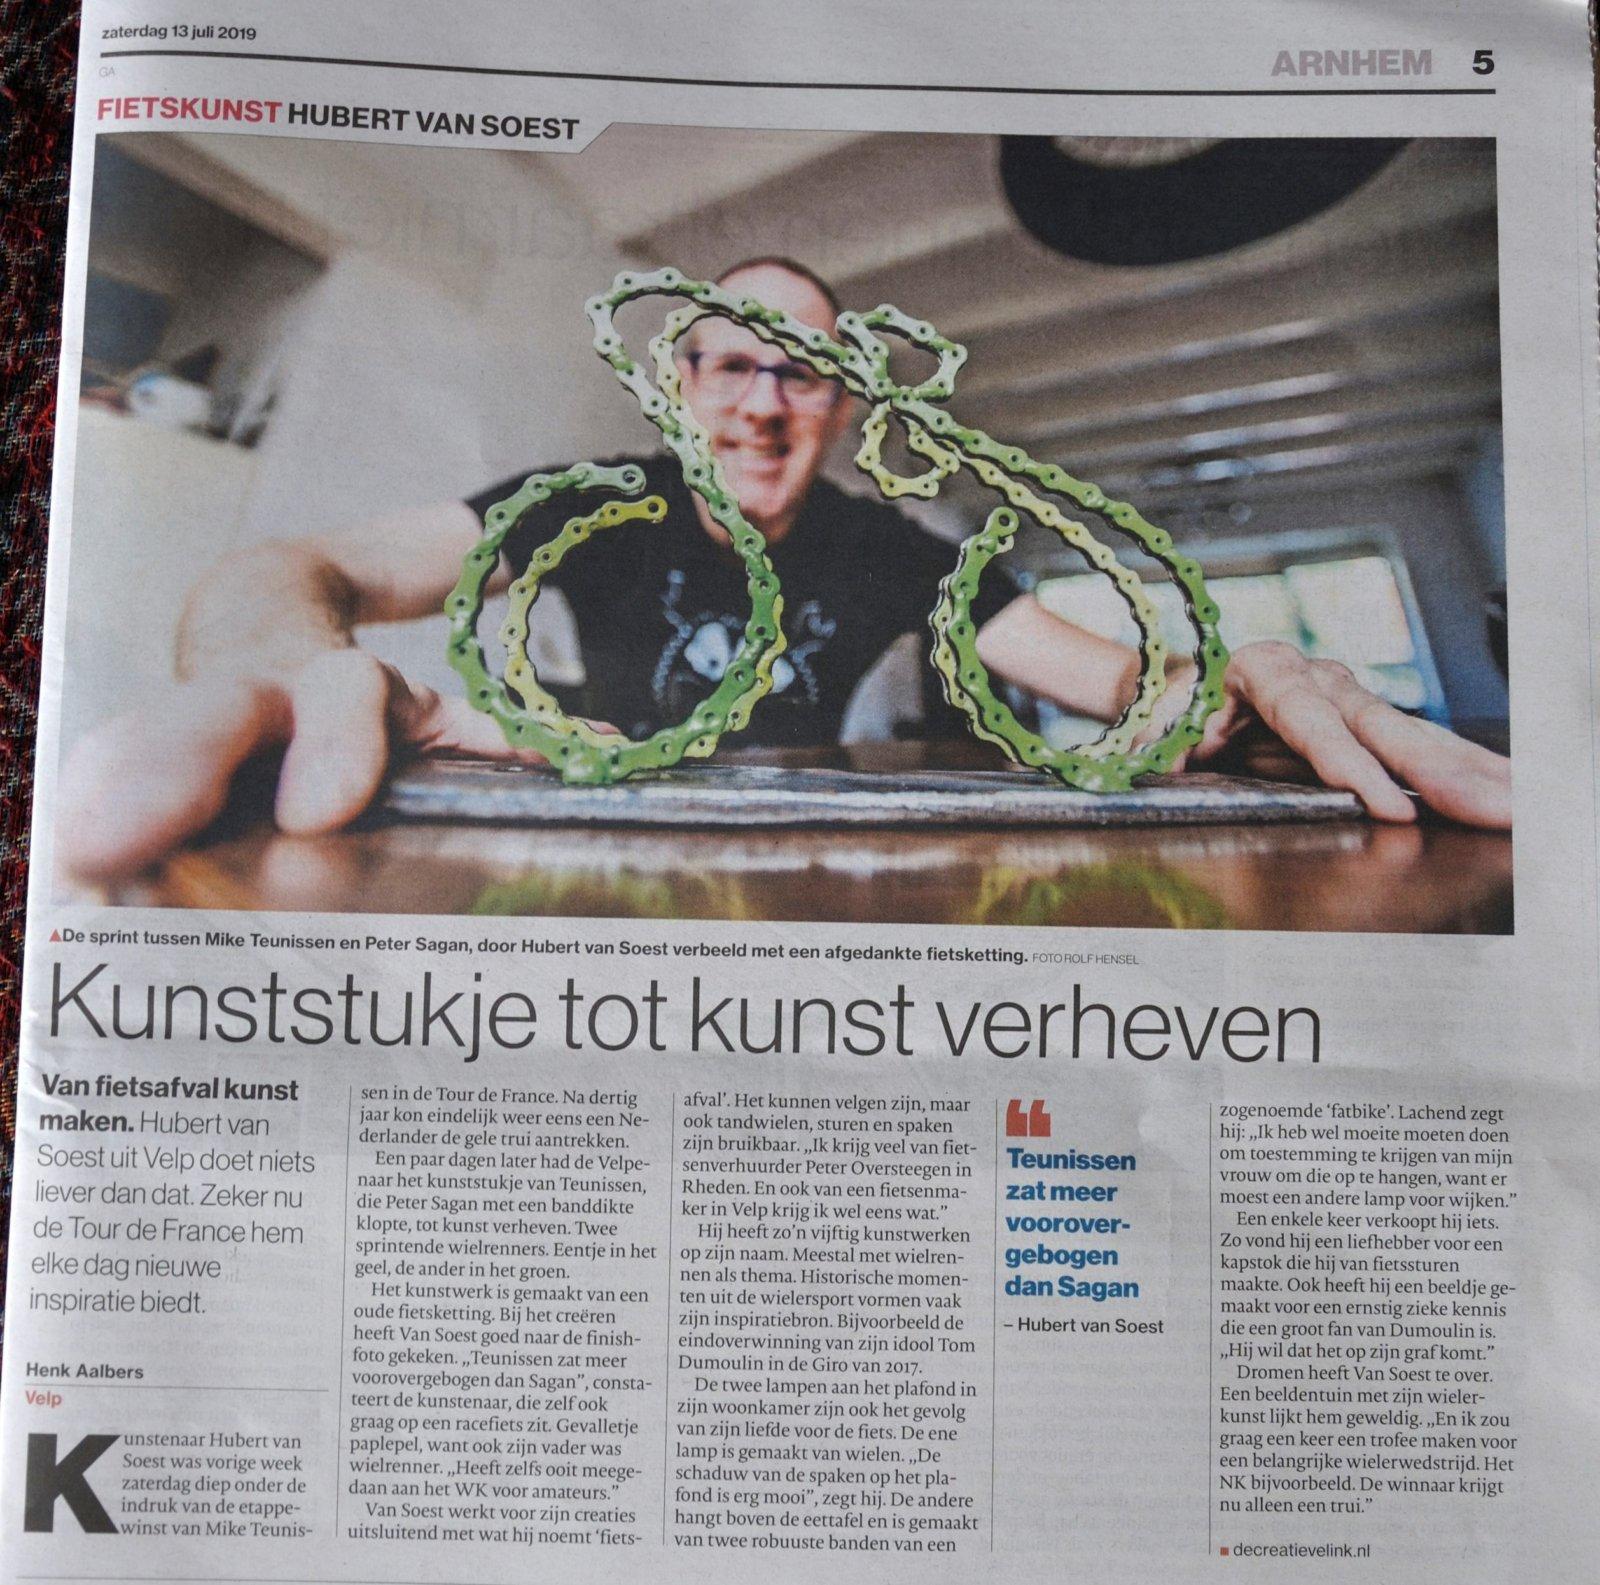 Decreatievelink Fietskunst Mike Teunissen Beeldje De Gelderlander Juli 2019